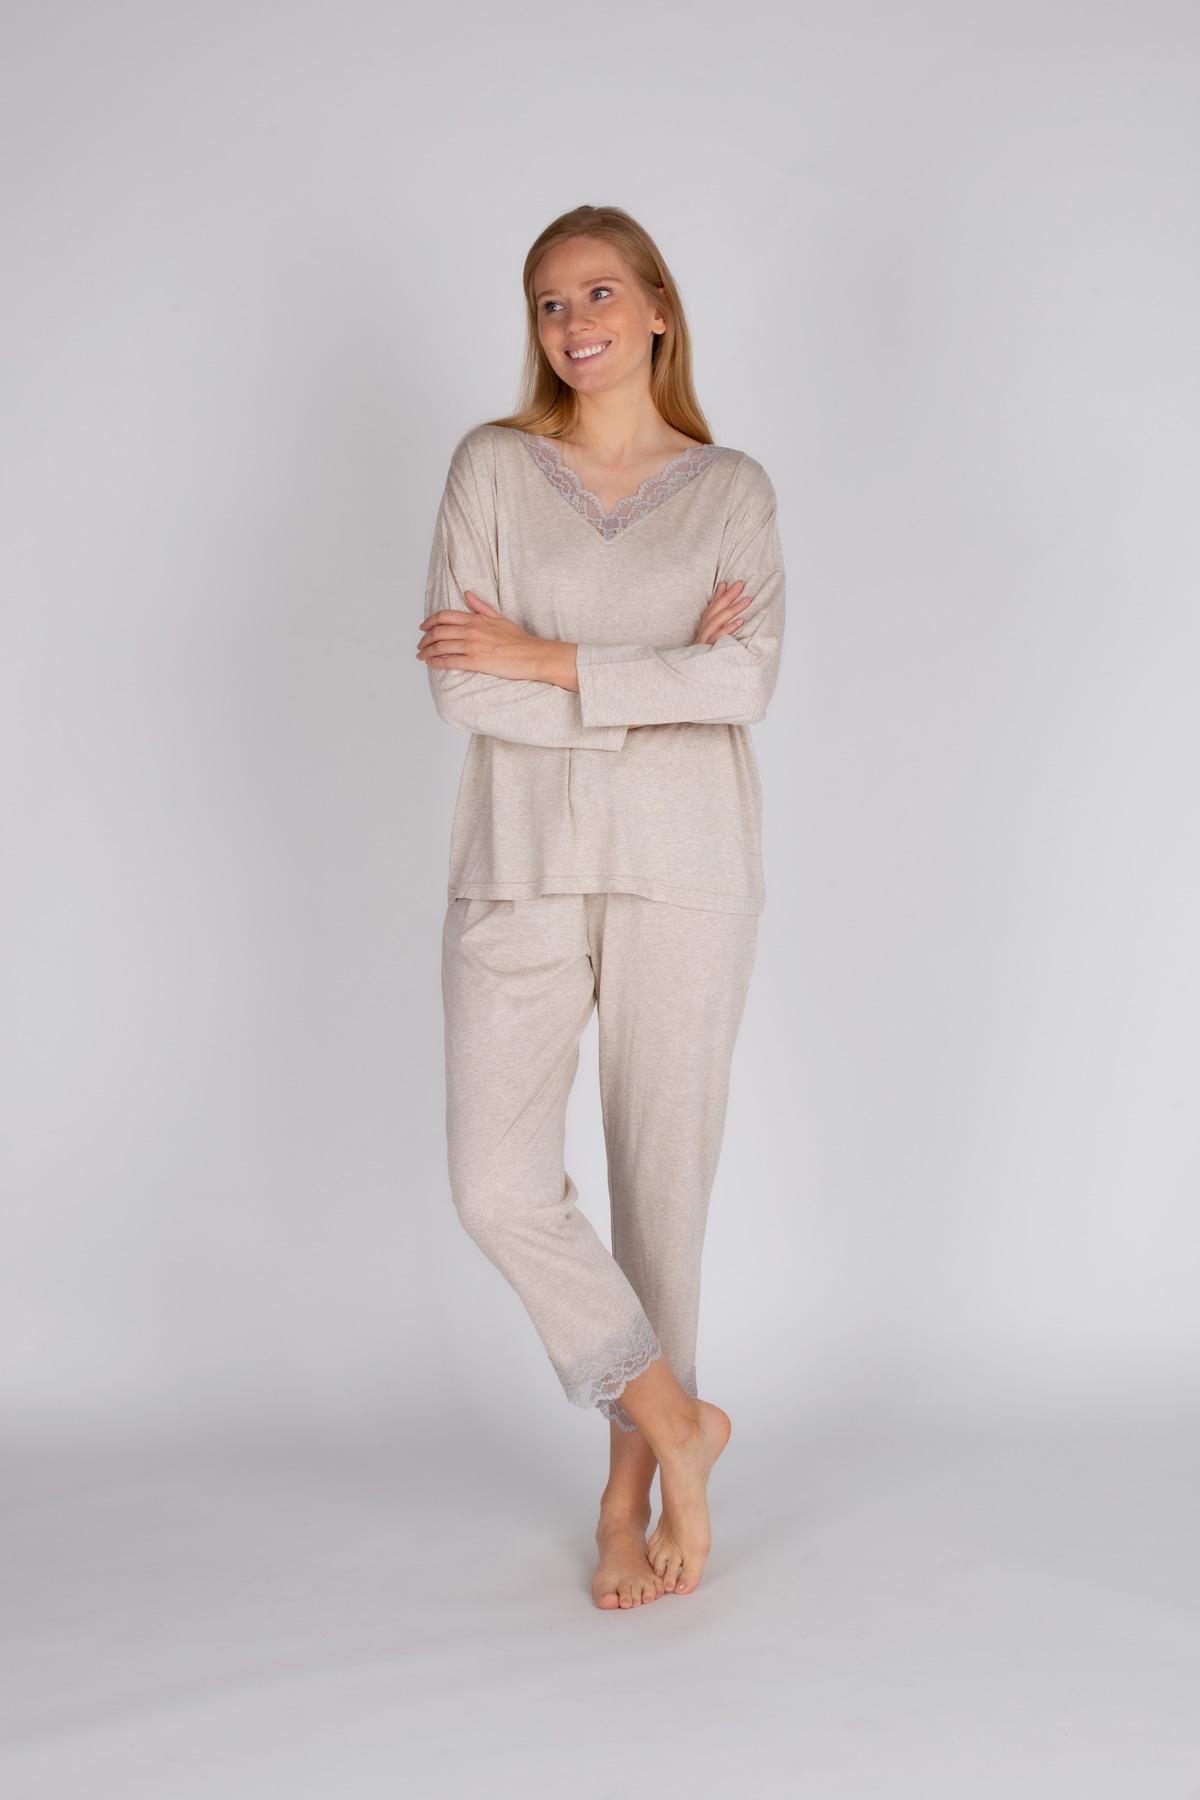 Hays Kadın Modal Dantel Detaylı Büyük Beden Uzun Pijama Takımı